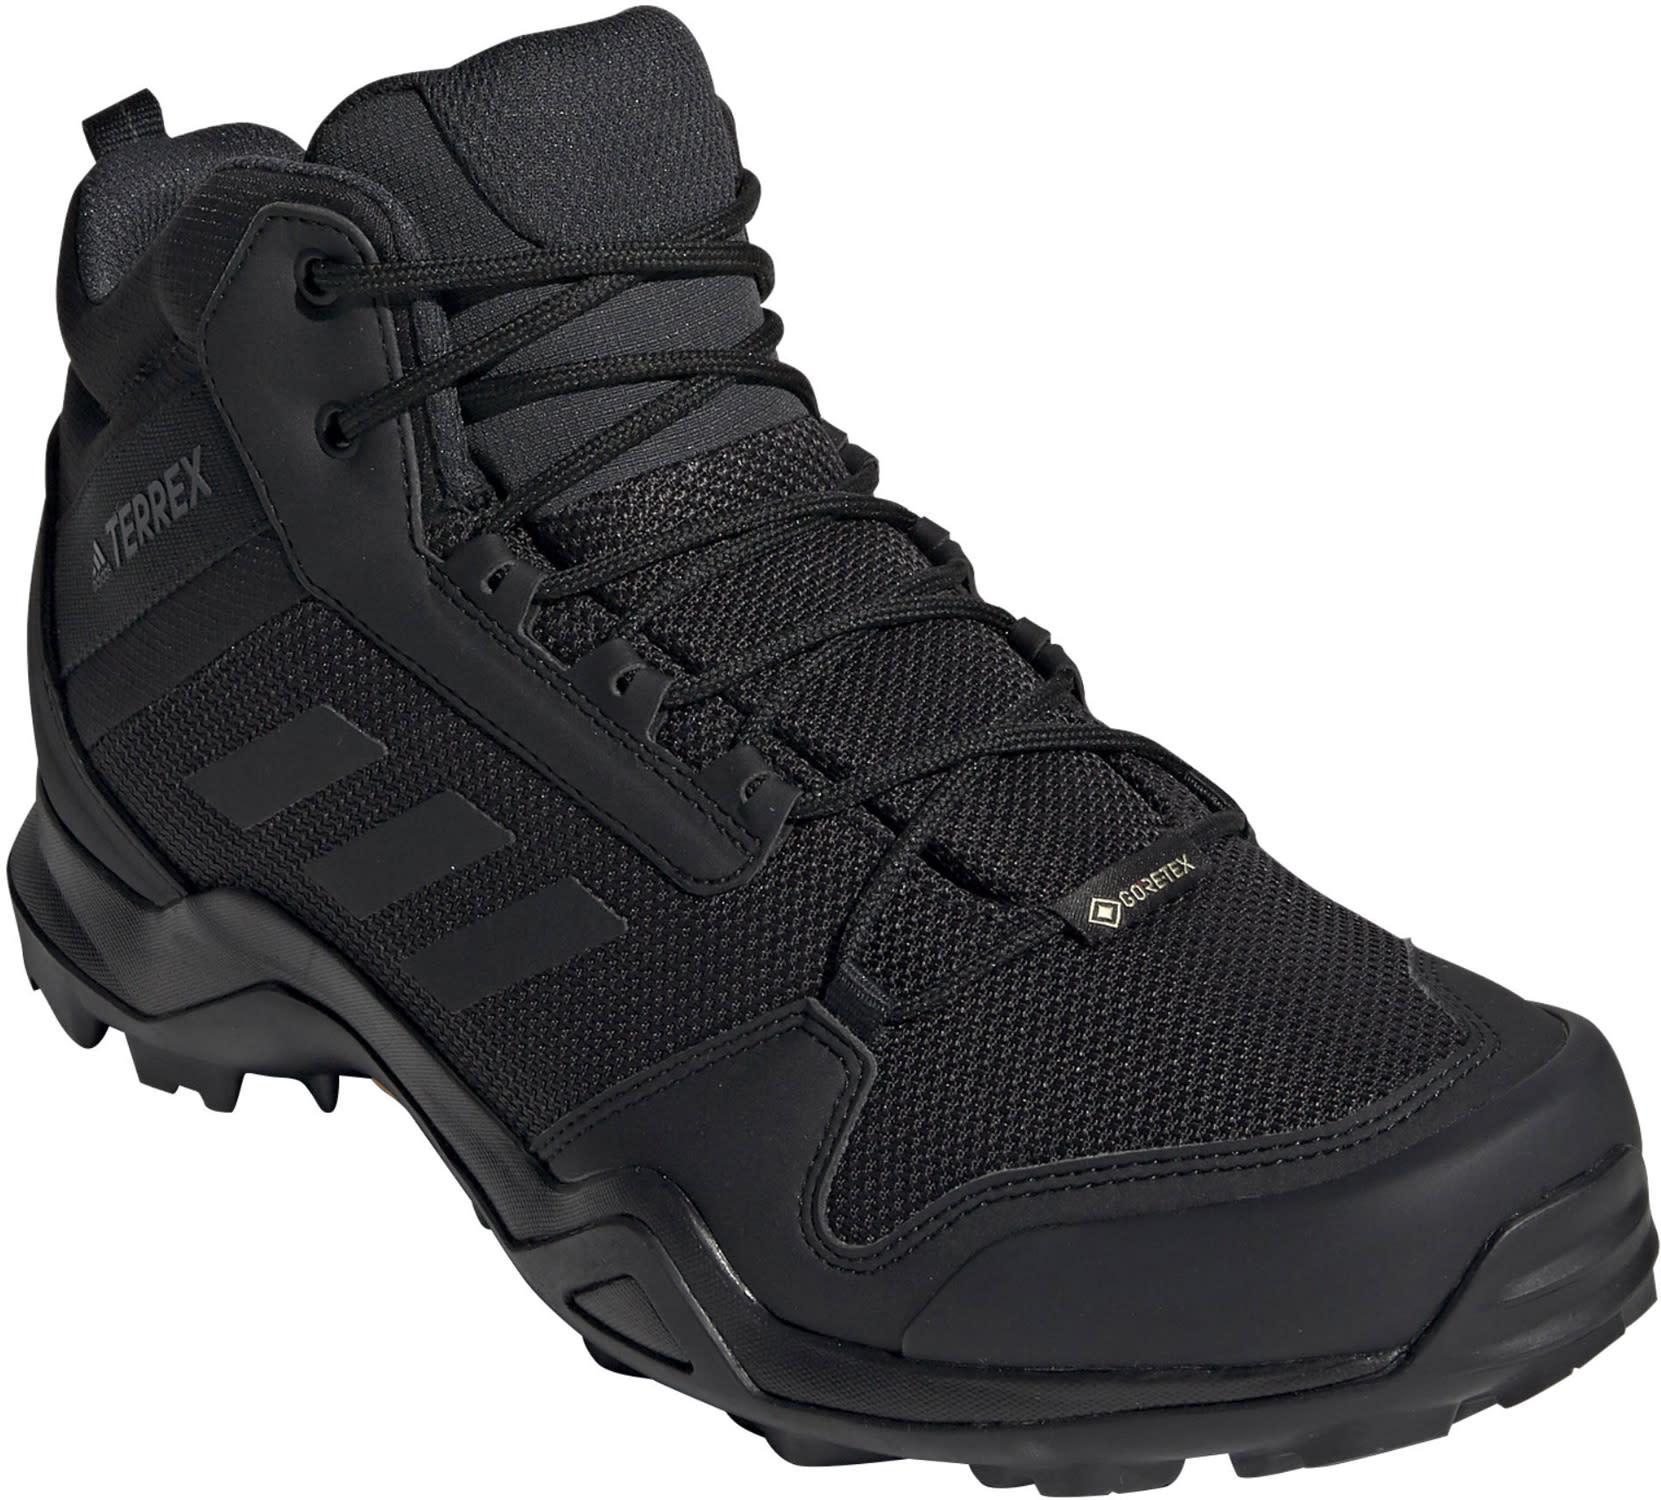 Adidas Terrex Ax3 Mid Gtx Hiking Boots 2019